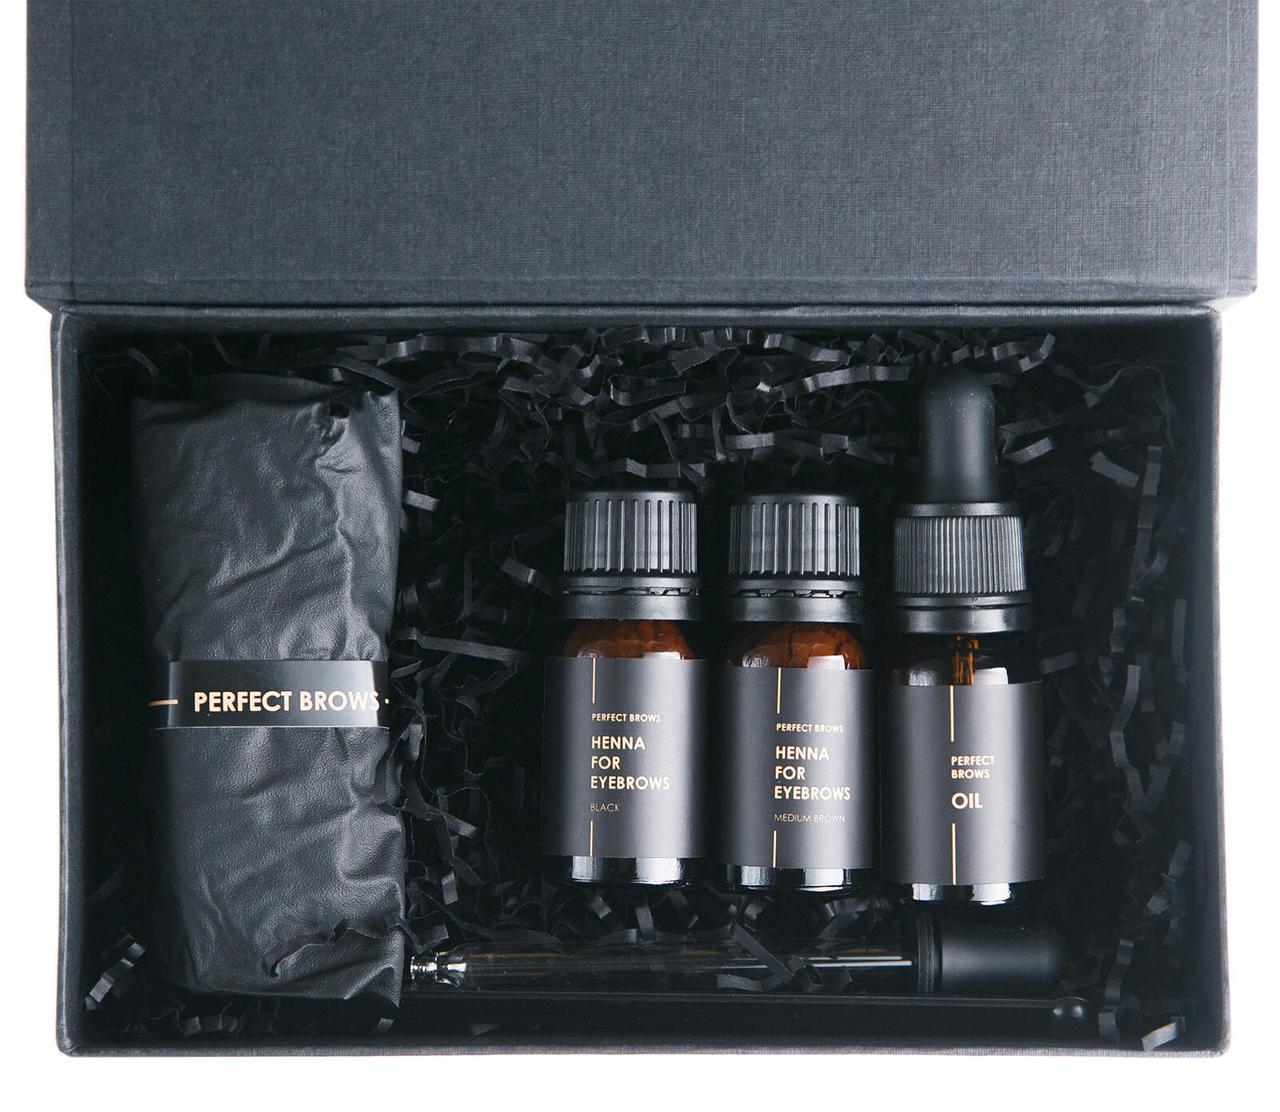 Zara Brows Набор хны для бровей (чёрный 10 г, коричневый 10 г, масло 10 г, ложка, пипетка)